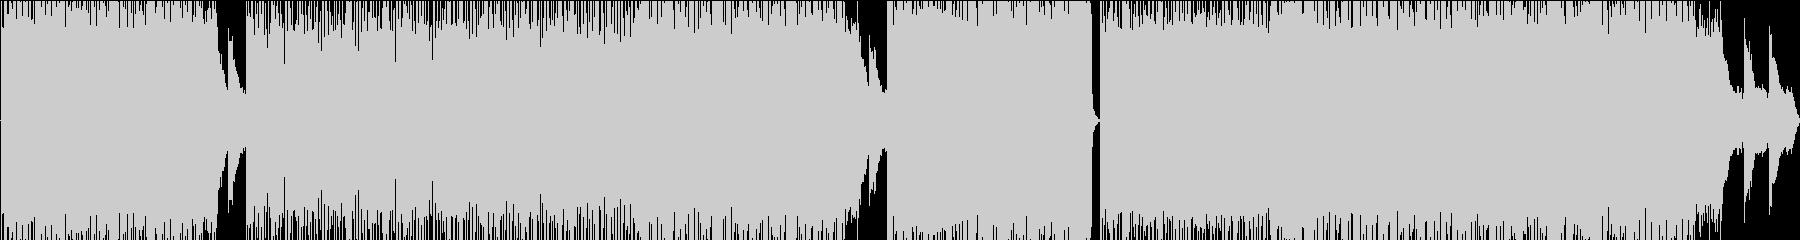 ピアノが爽やかなドラムンベースですの未再生の波形